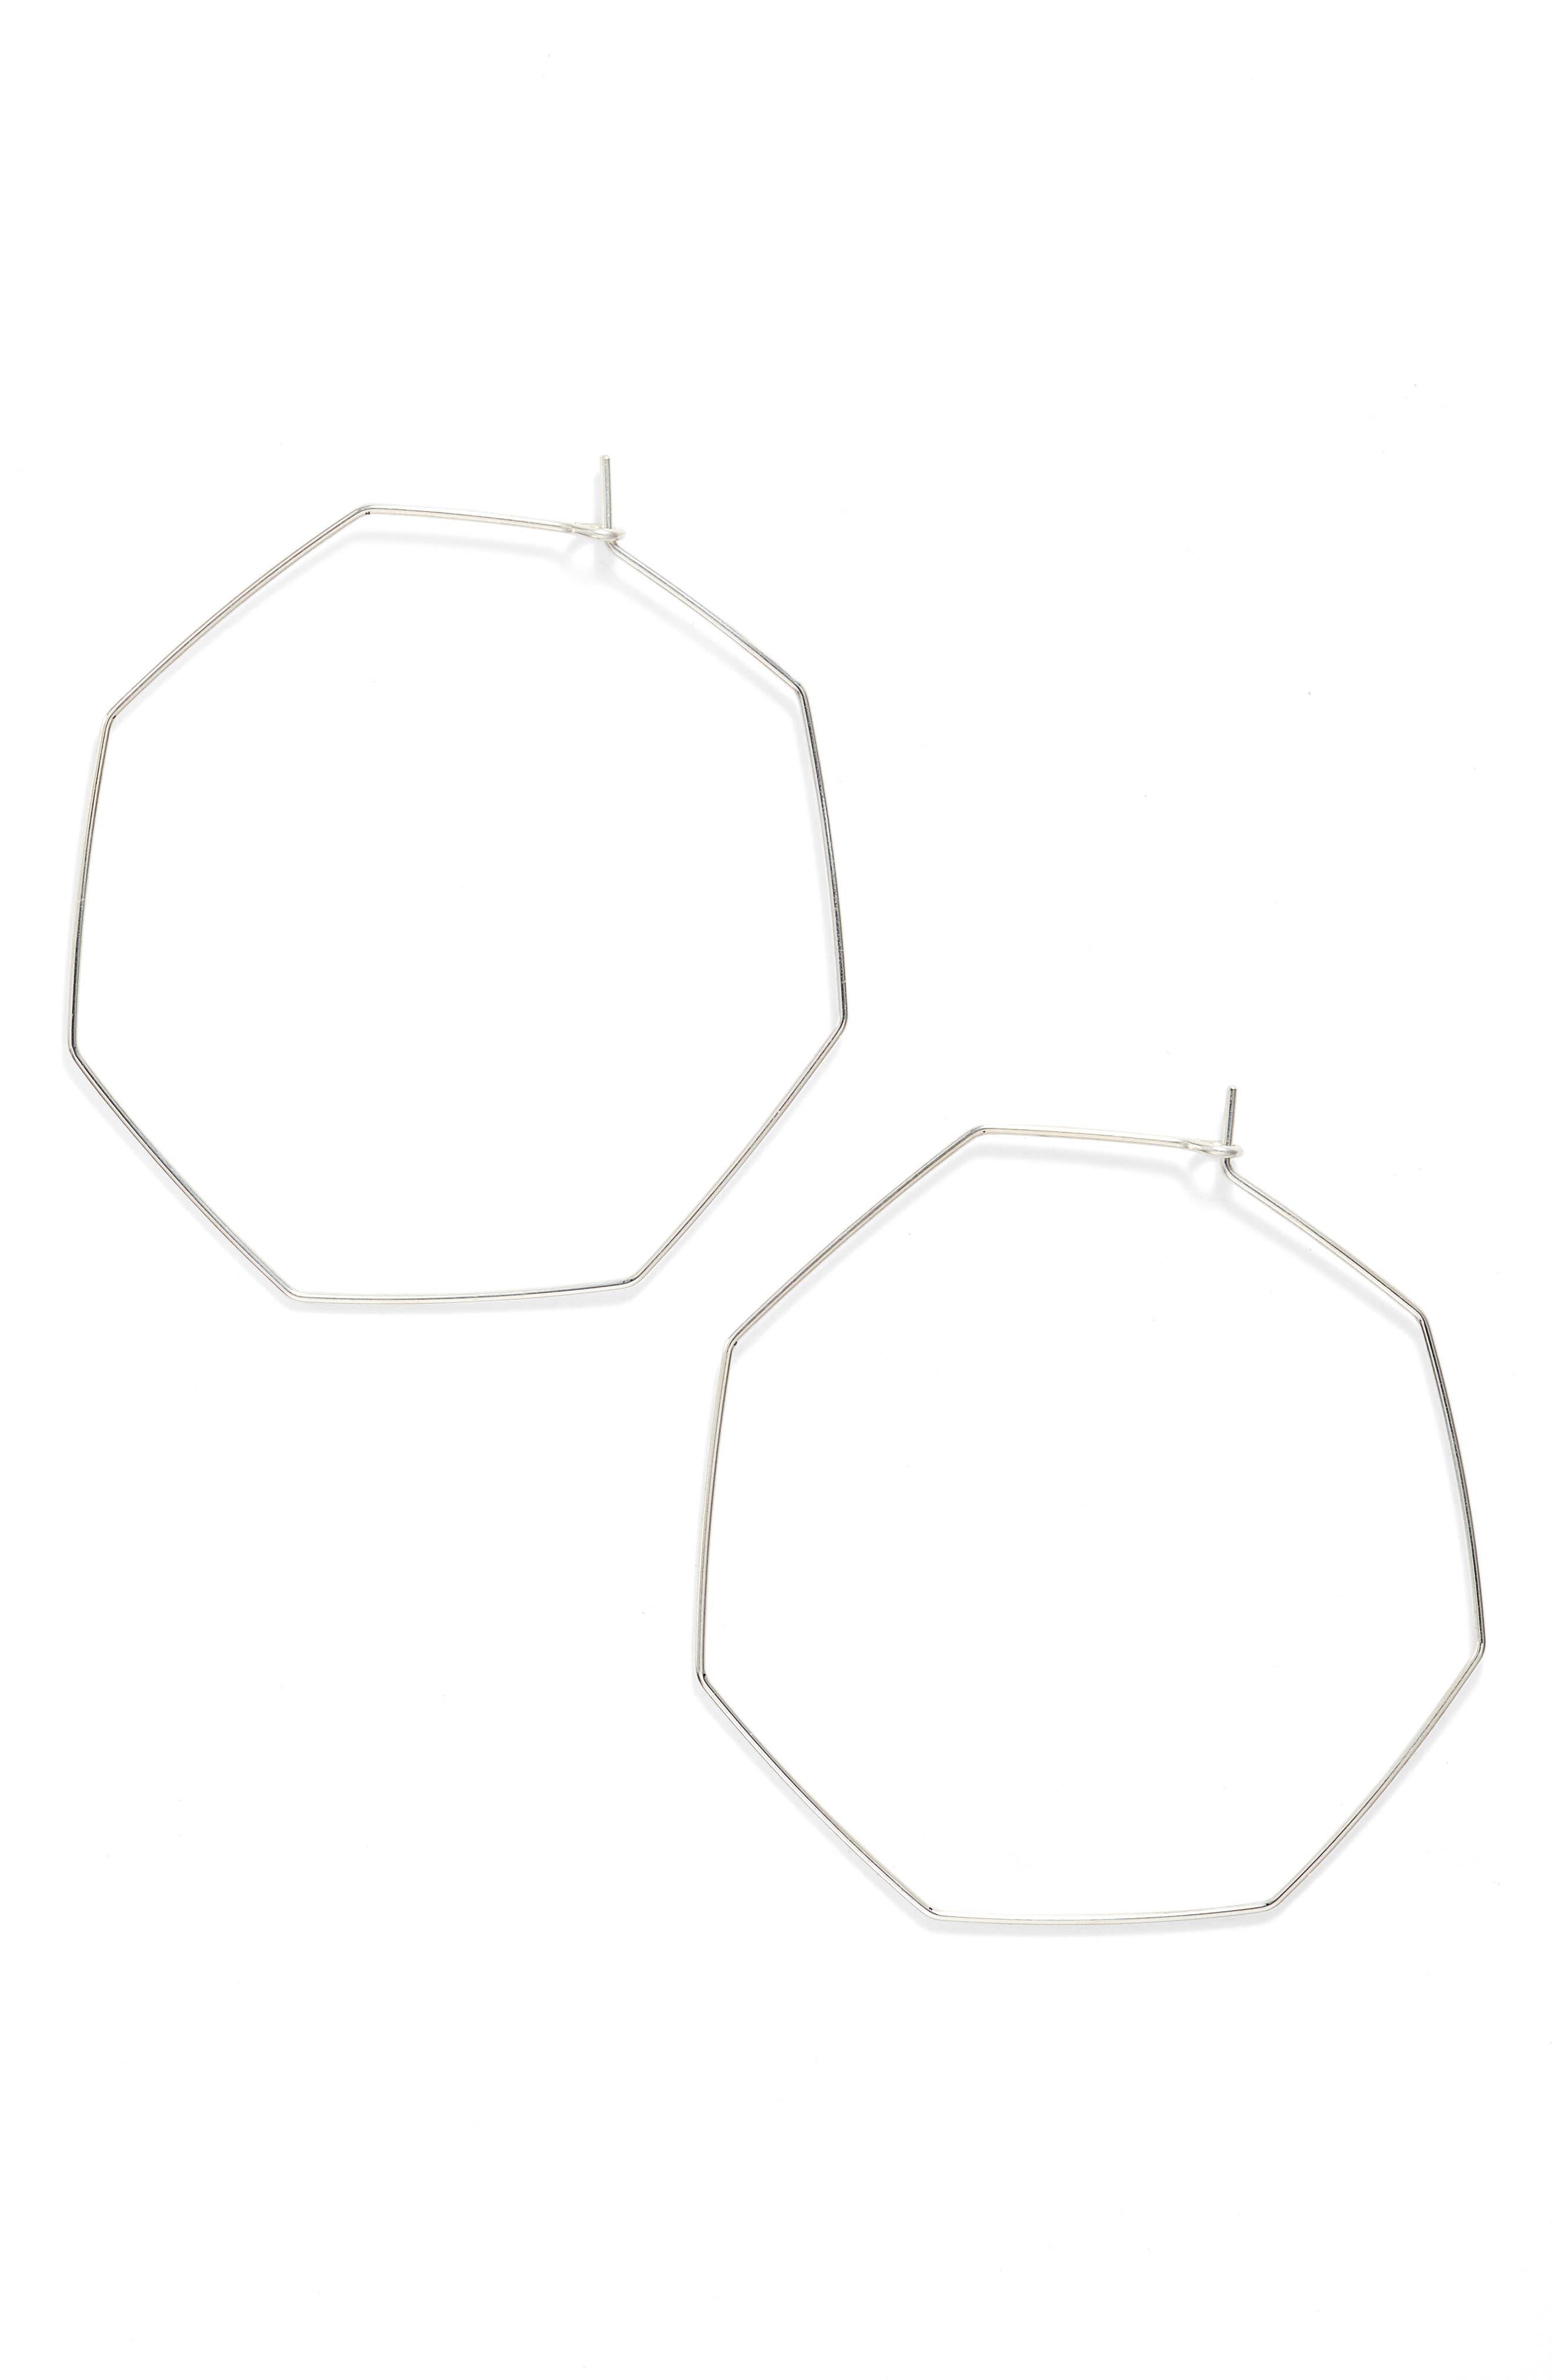 Octagon Hoop Earrings,                         Main,                         color, SILVER